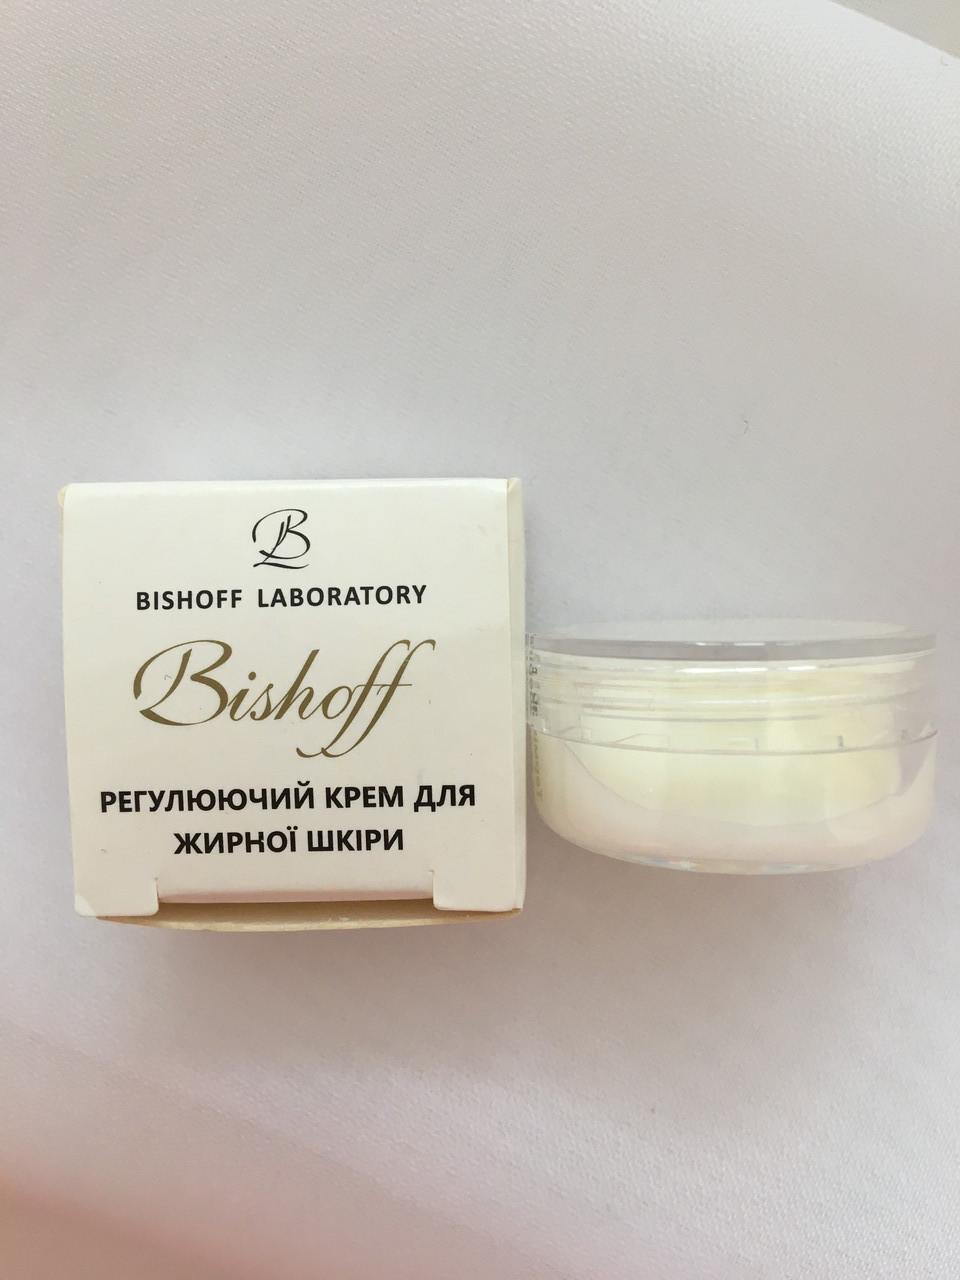 Крем Bishoff Регулюючий для жирної шкіри обличчя Мініатюра / Пробник 2,5 мл